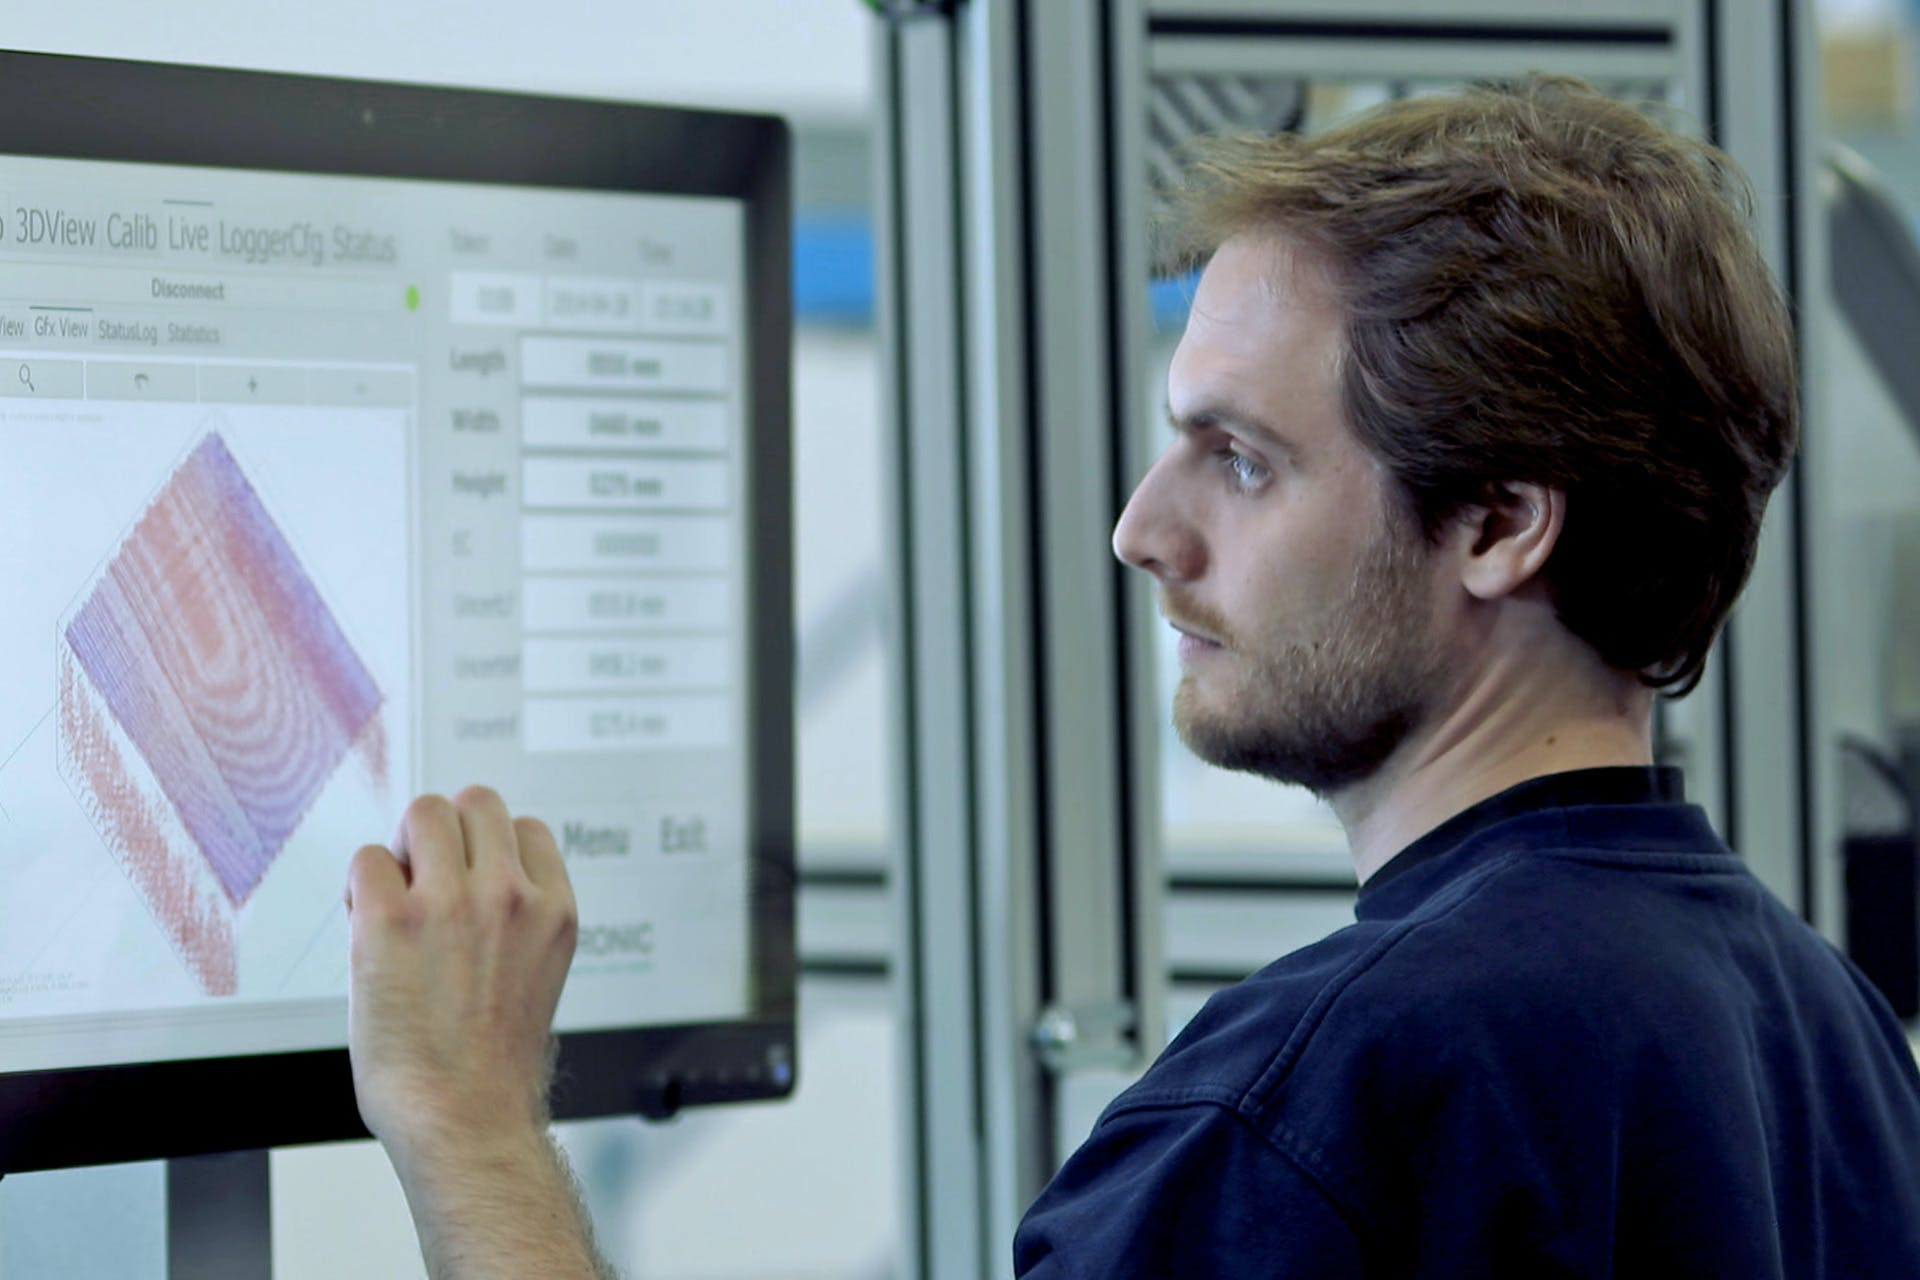 Ein Arbeiter vor einem Bildschirm bei der Datenanalyse